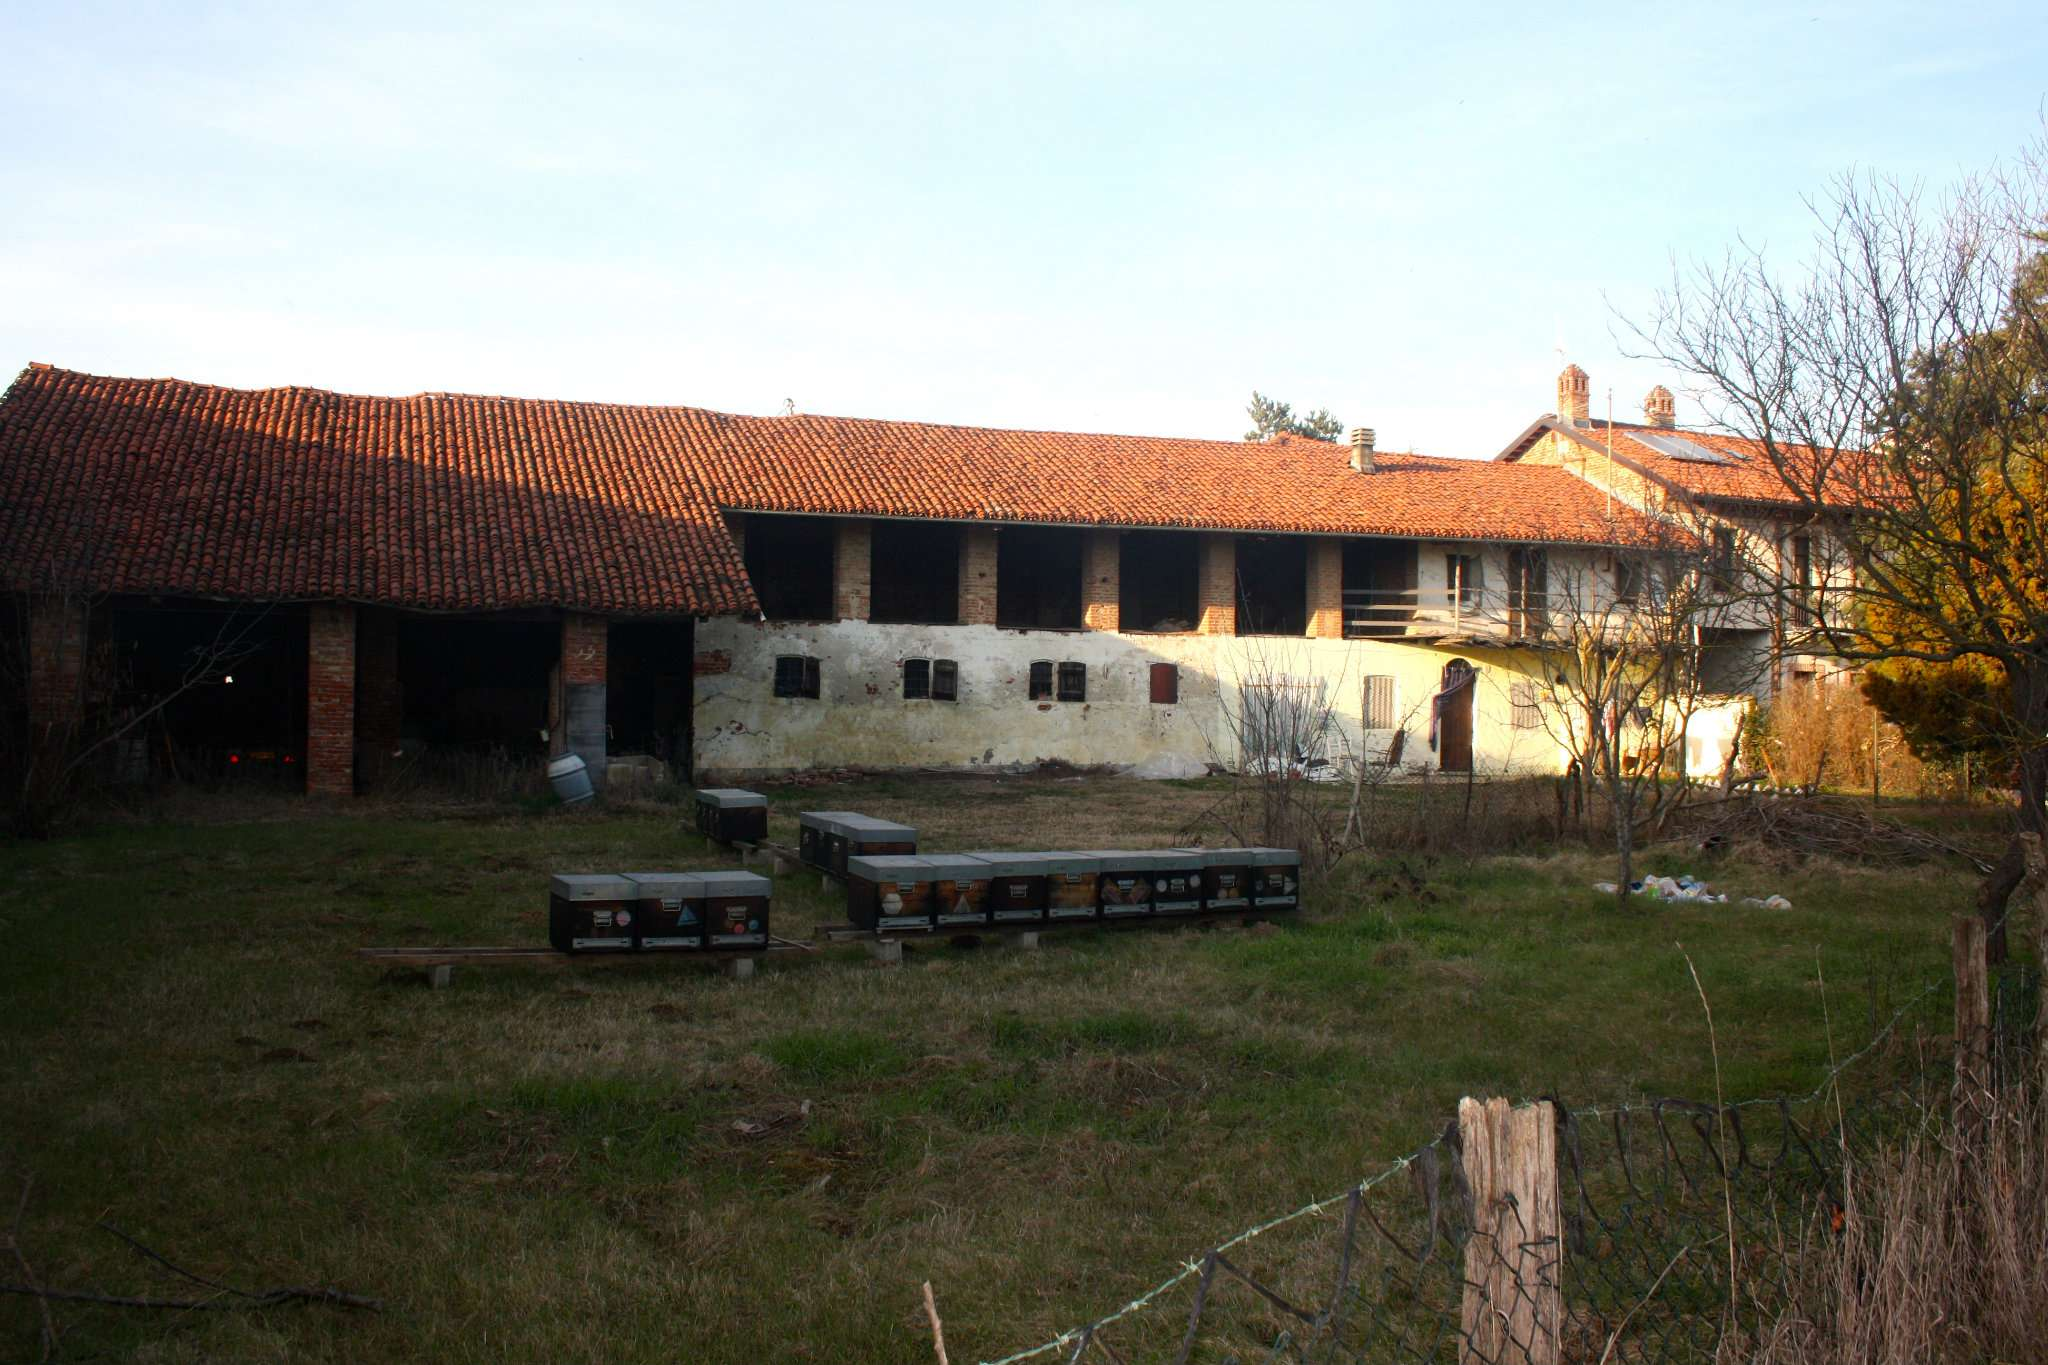 Rustico / Casale in vendita a Bra, 5 locali, prezzo € 78.000 | Cambio Casa.it